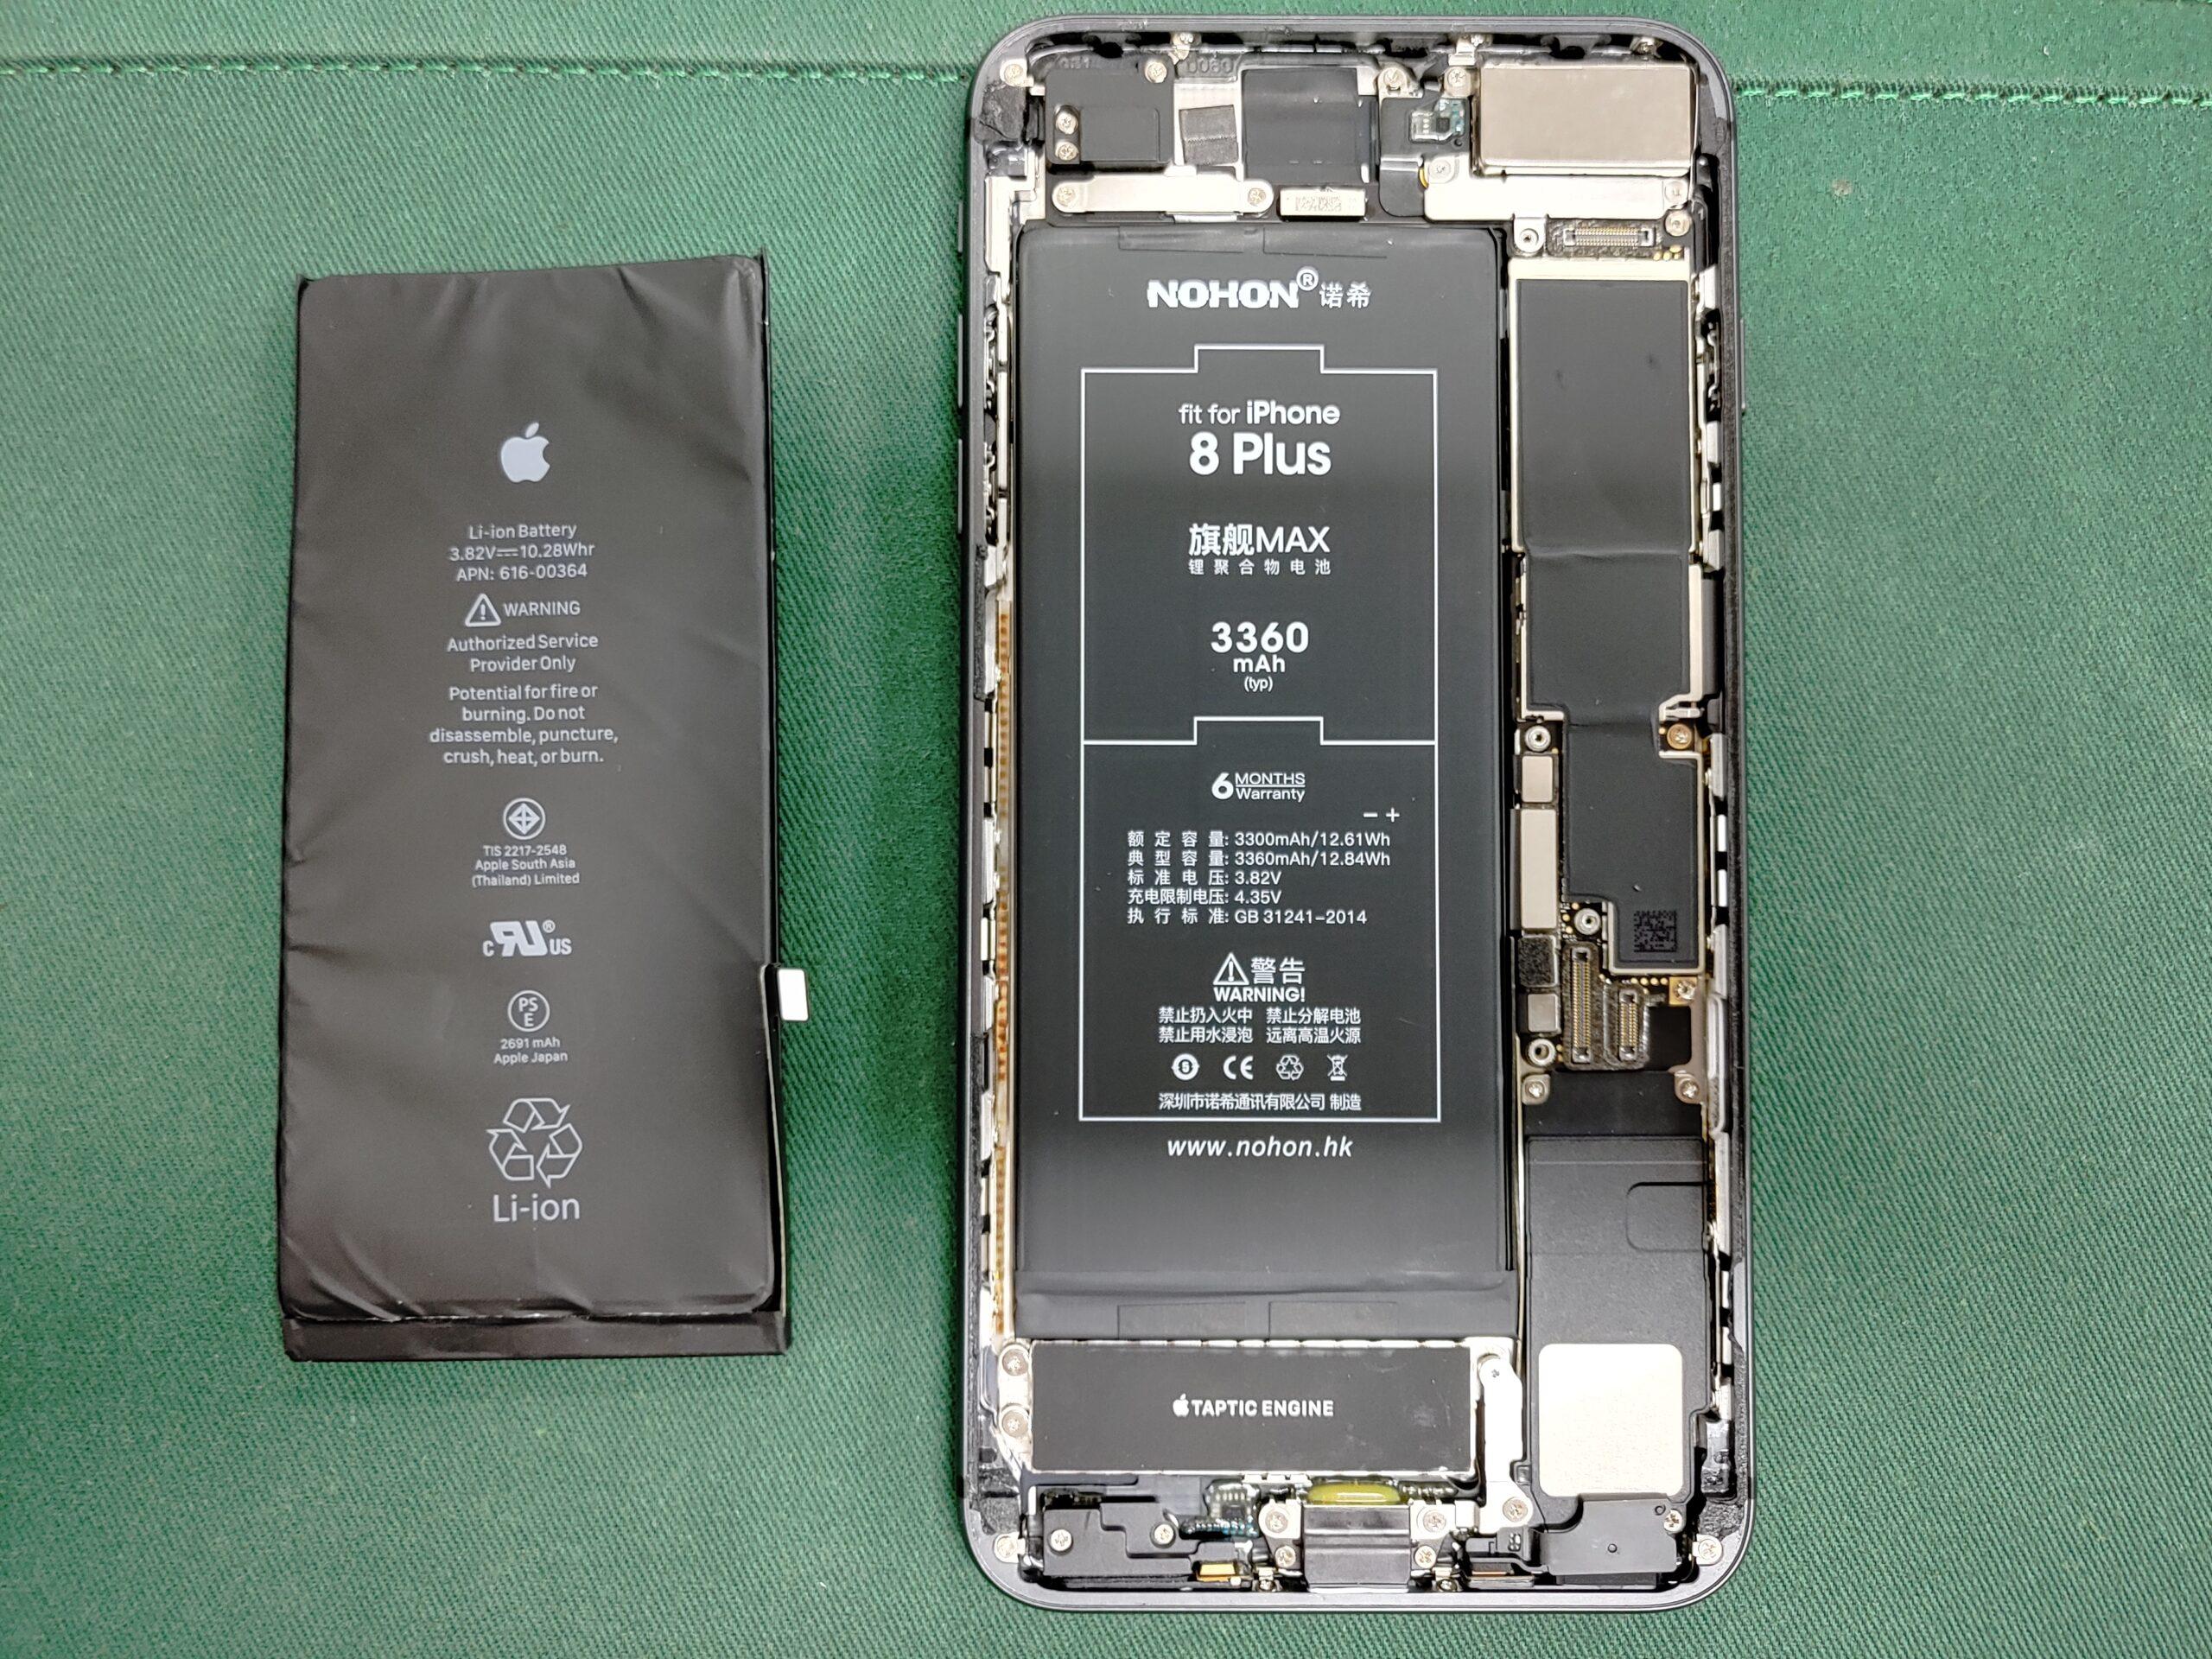 아이폰8플러스 노혼배터리 1